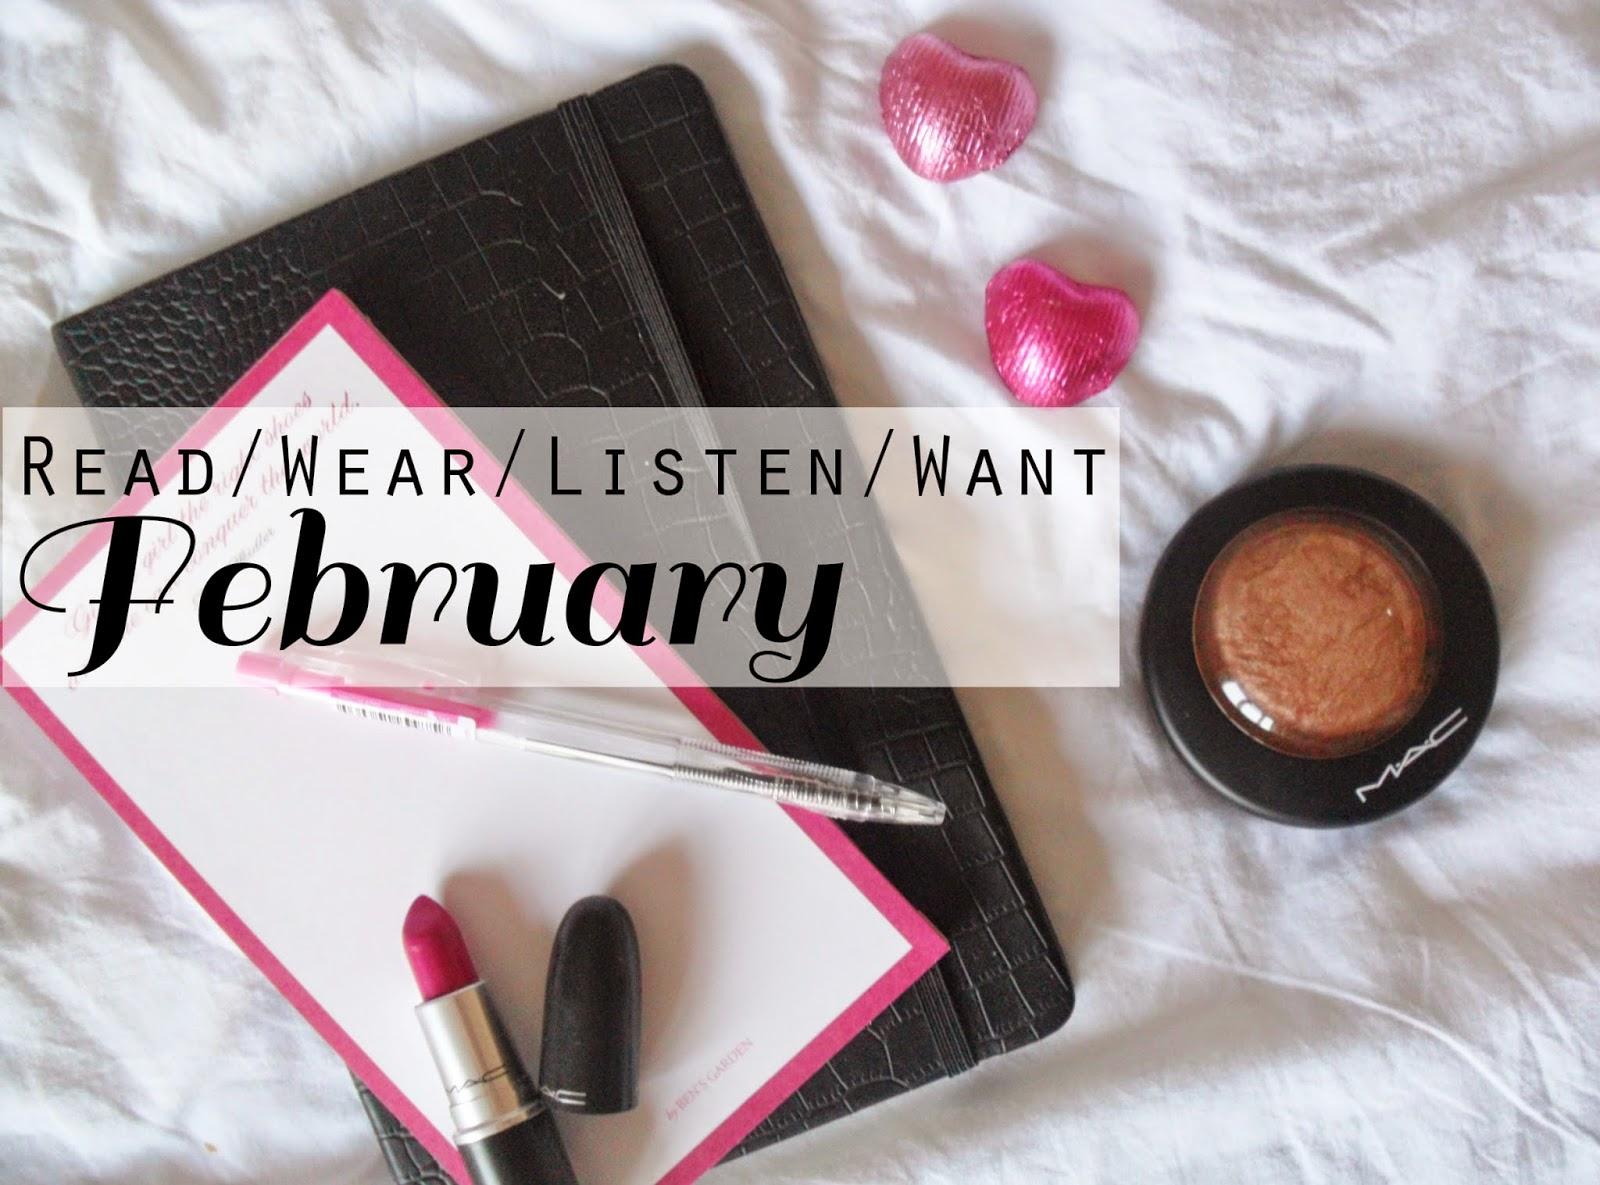 Read/Wear/Listen/Want ¦ February